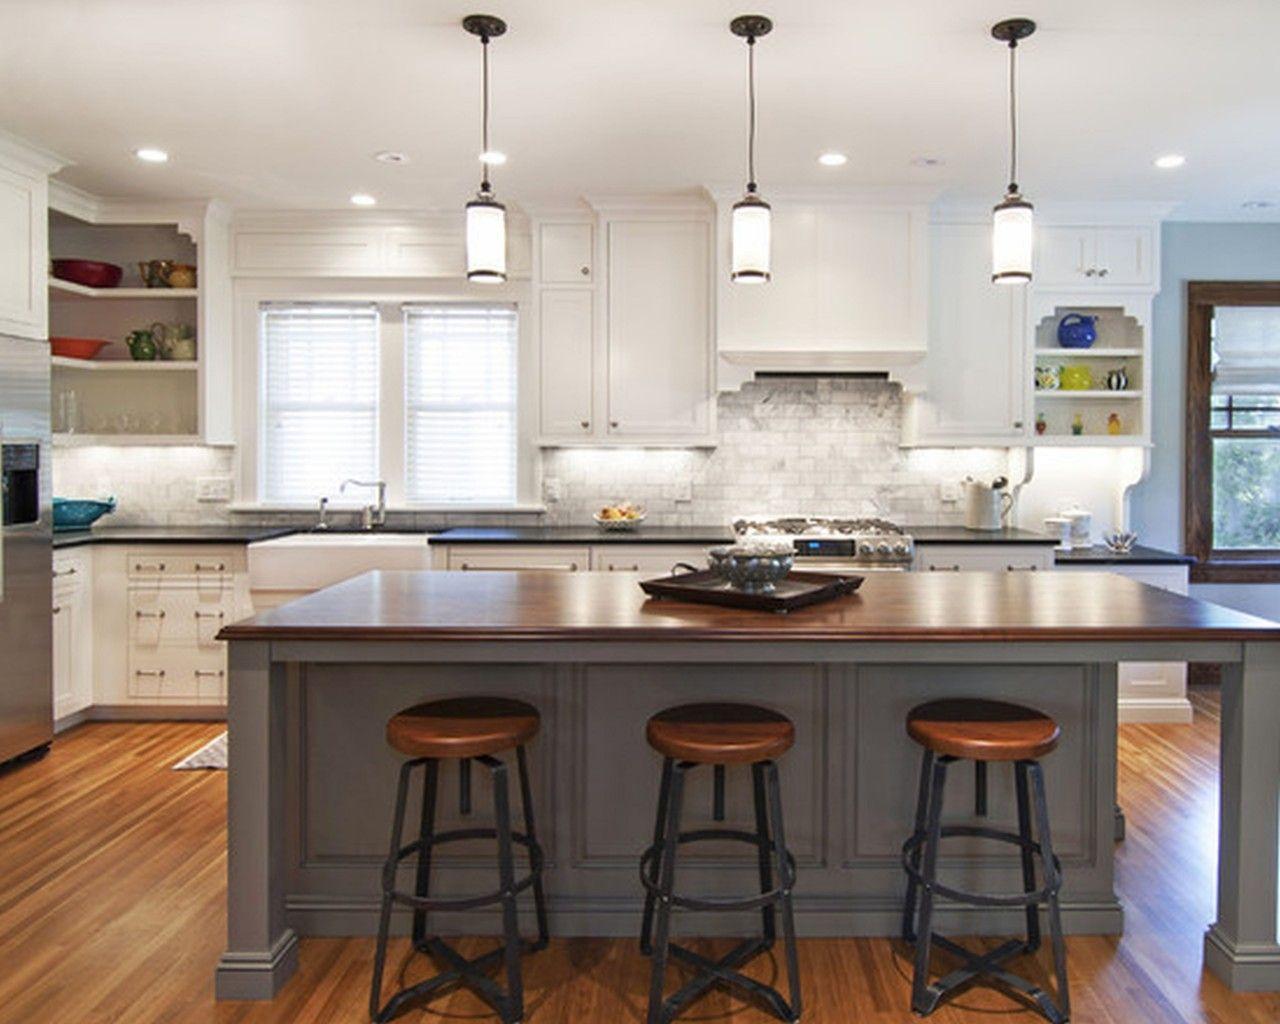 Beautiful Pendant Light Ideas For Kitchen #2477 | BayTownKitchen ...